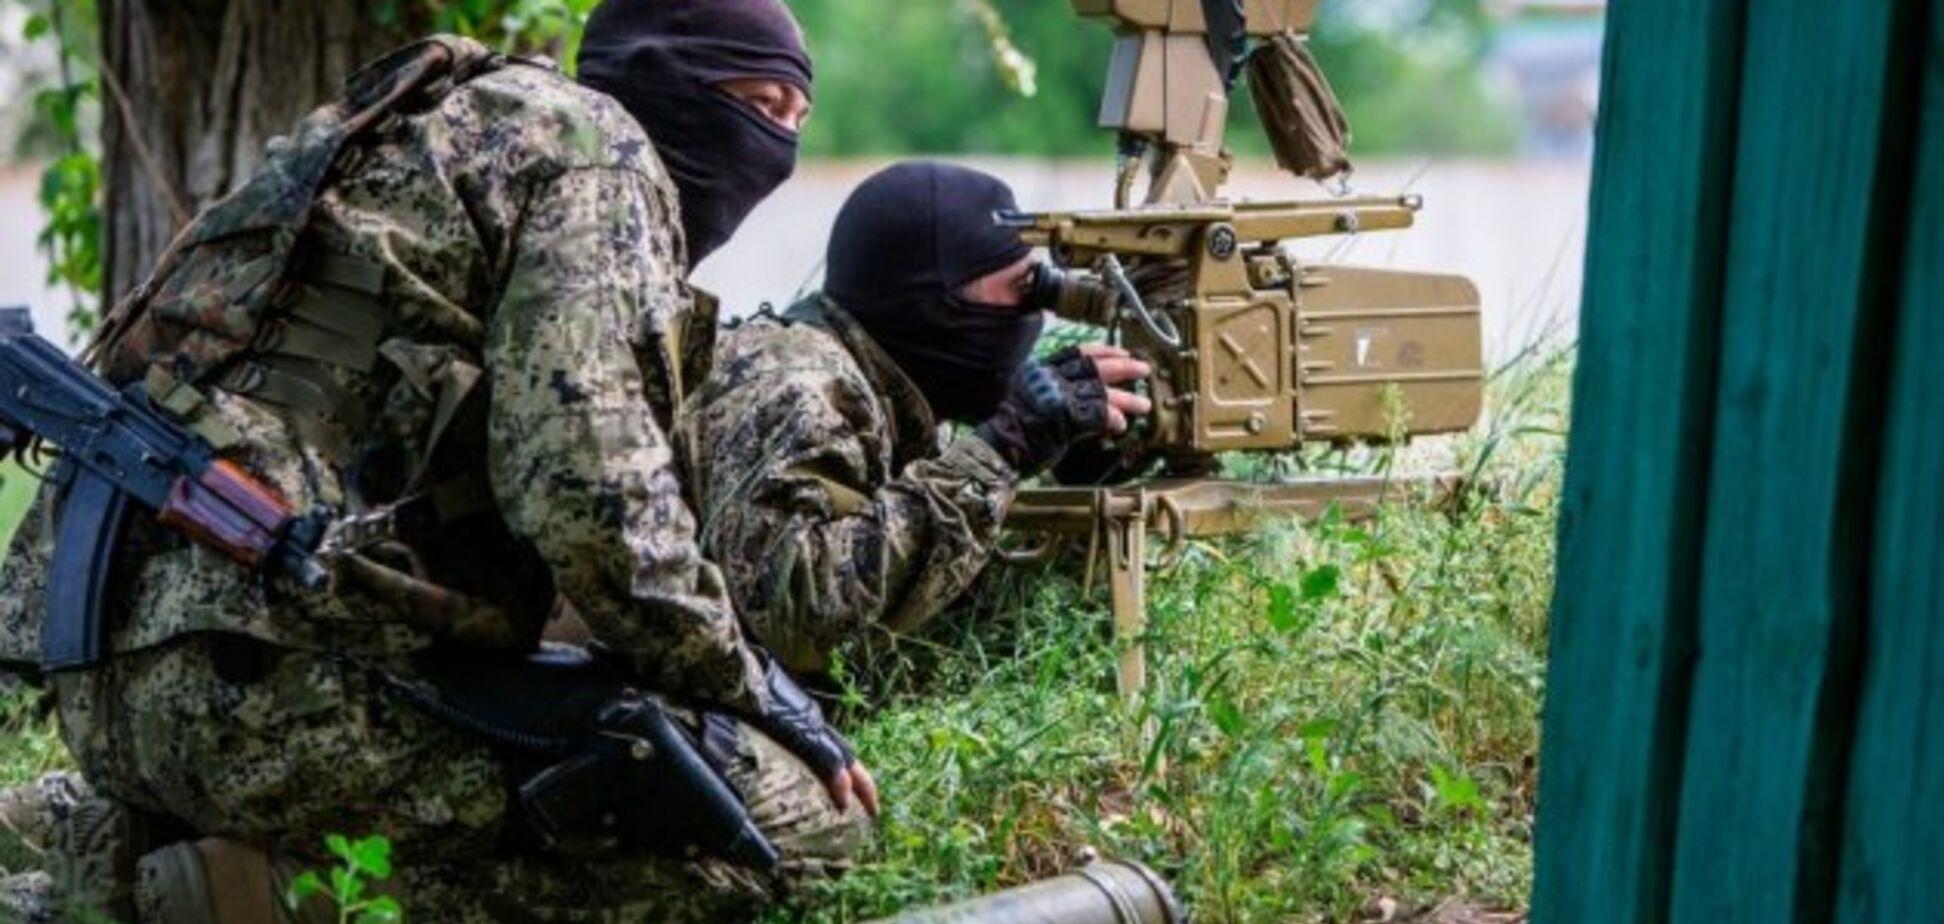 Терористи на Донбасі ставлять гармати просто у приватному секторі - розвідка